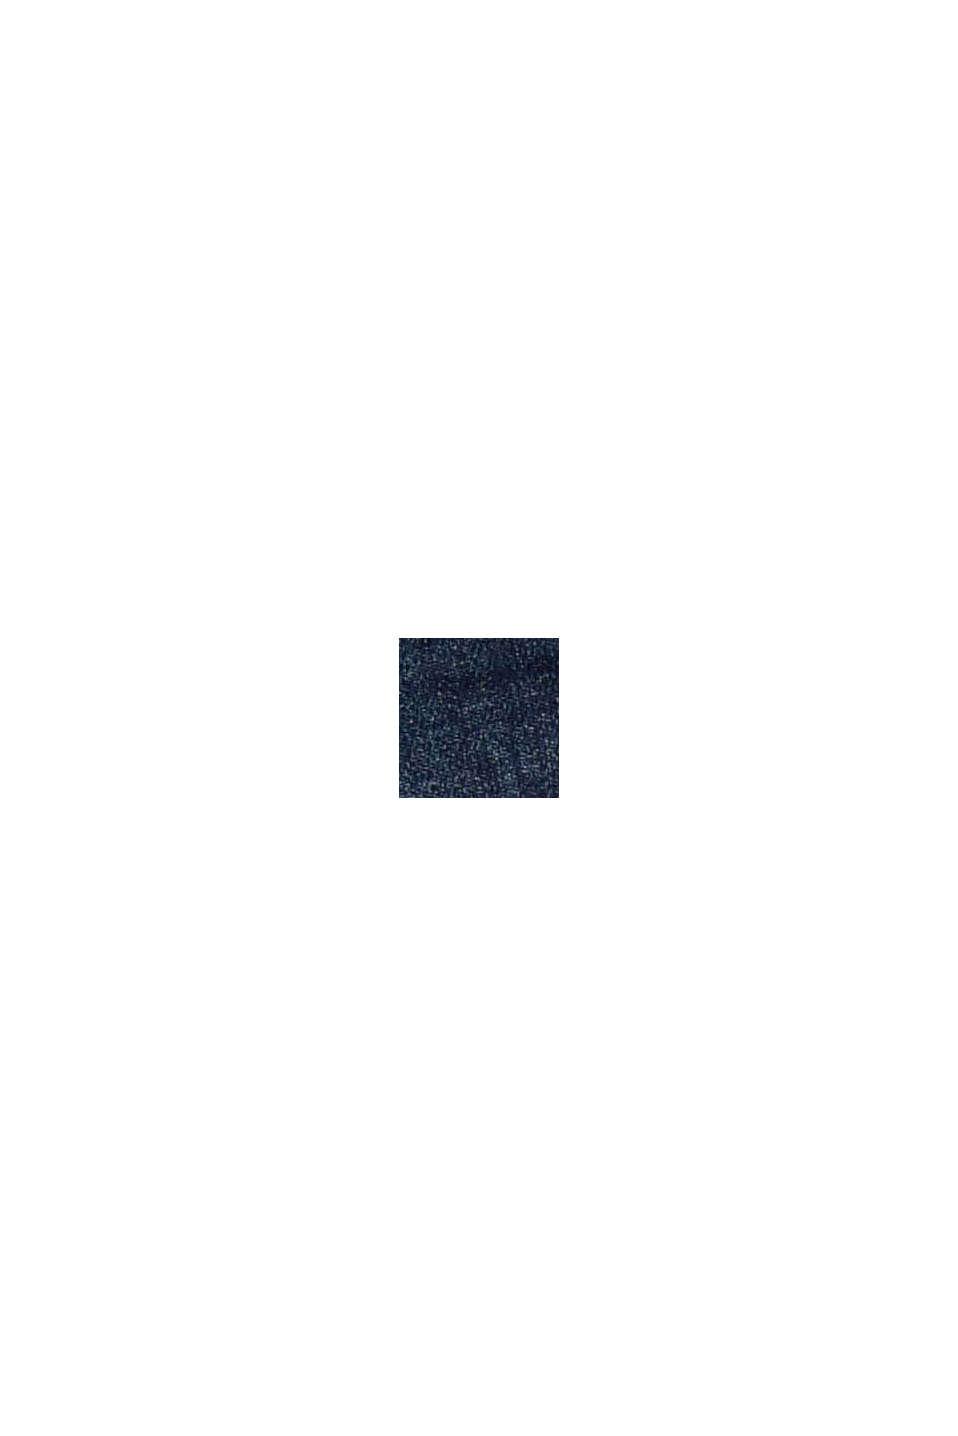 Jeans-Bermudas mit Verstellbund, BLUE MEDIUM WASHED, swatch